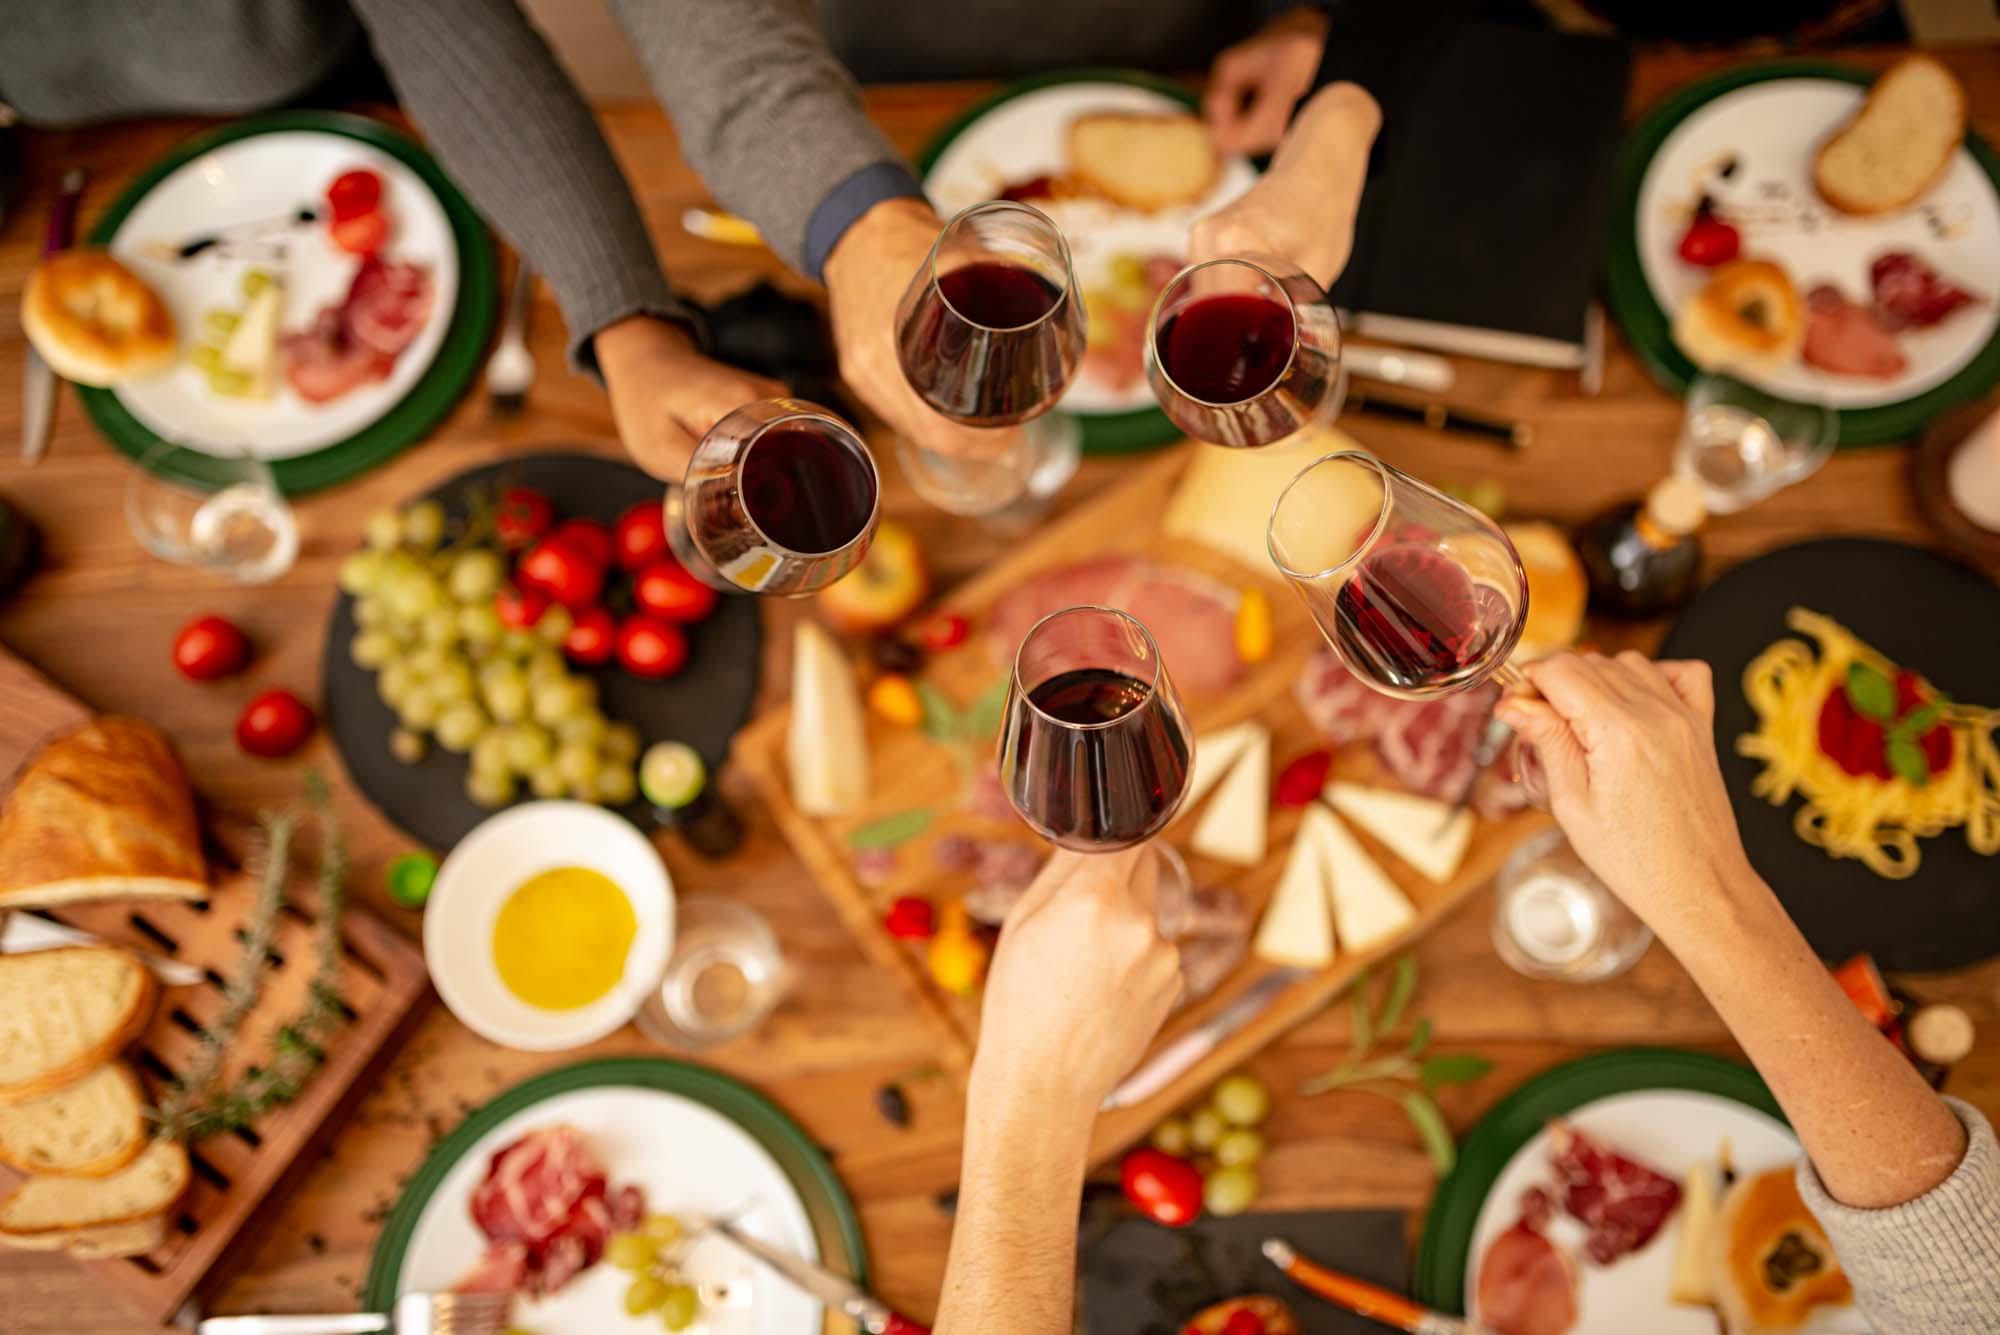 Cucina Amatoriale Cene Aziendali a Brescia